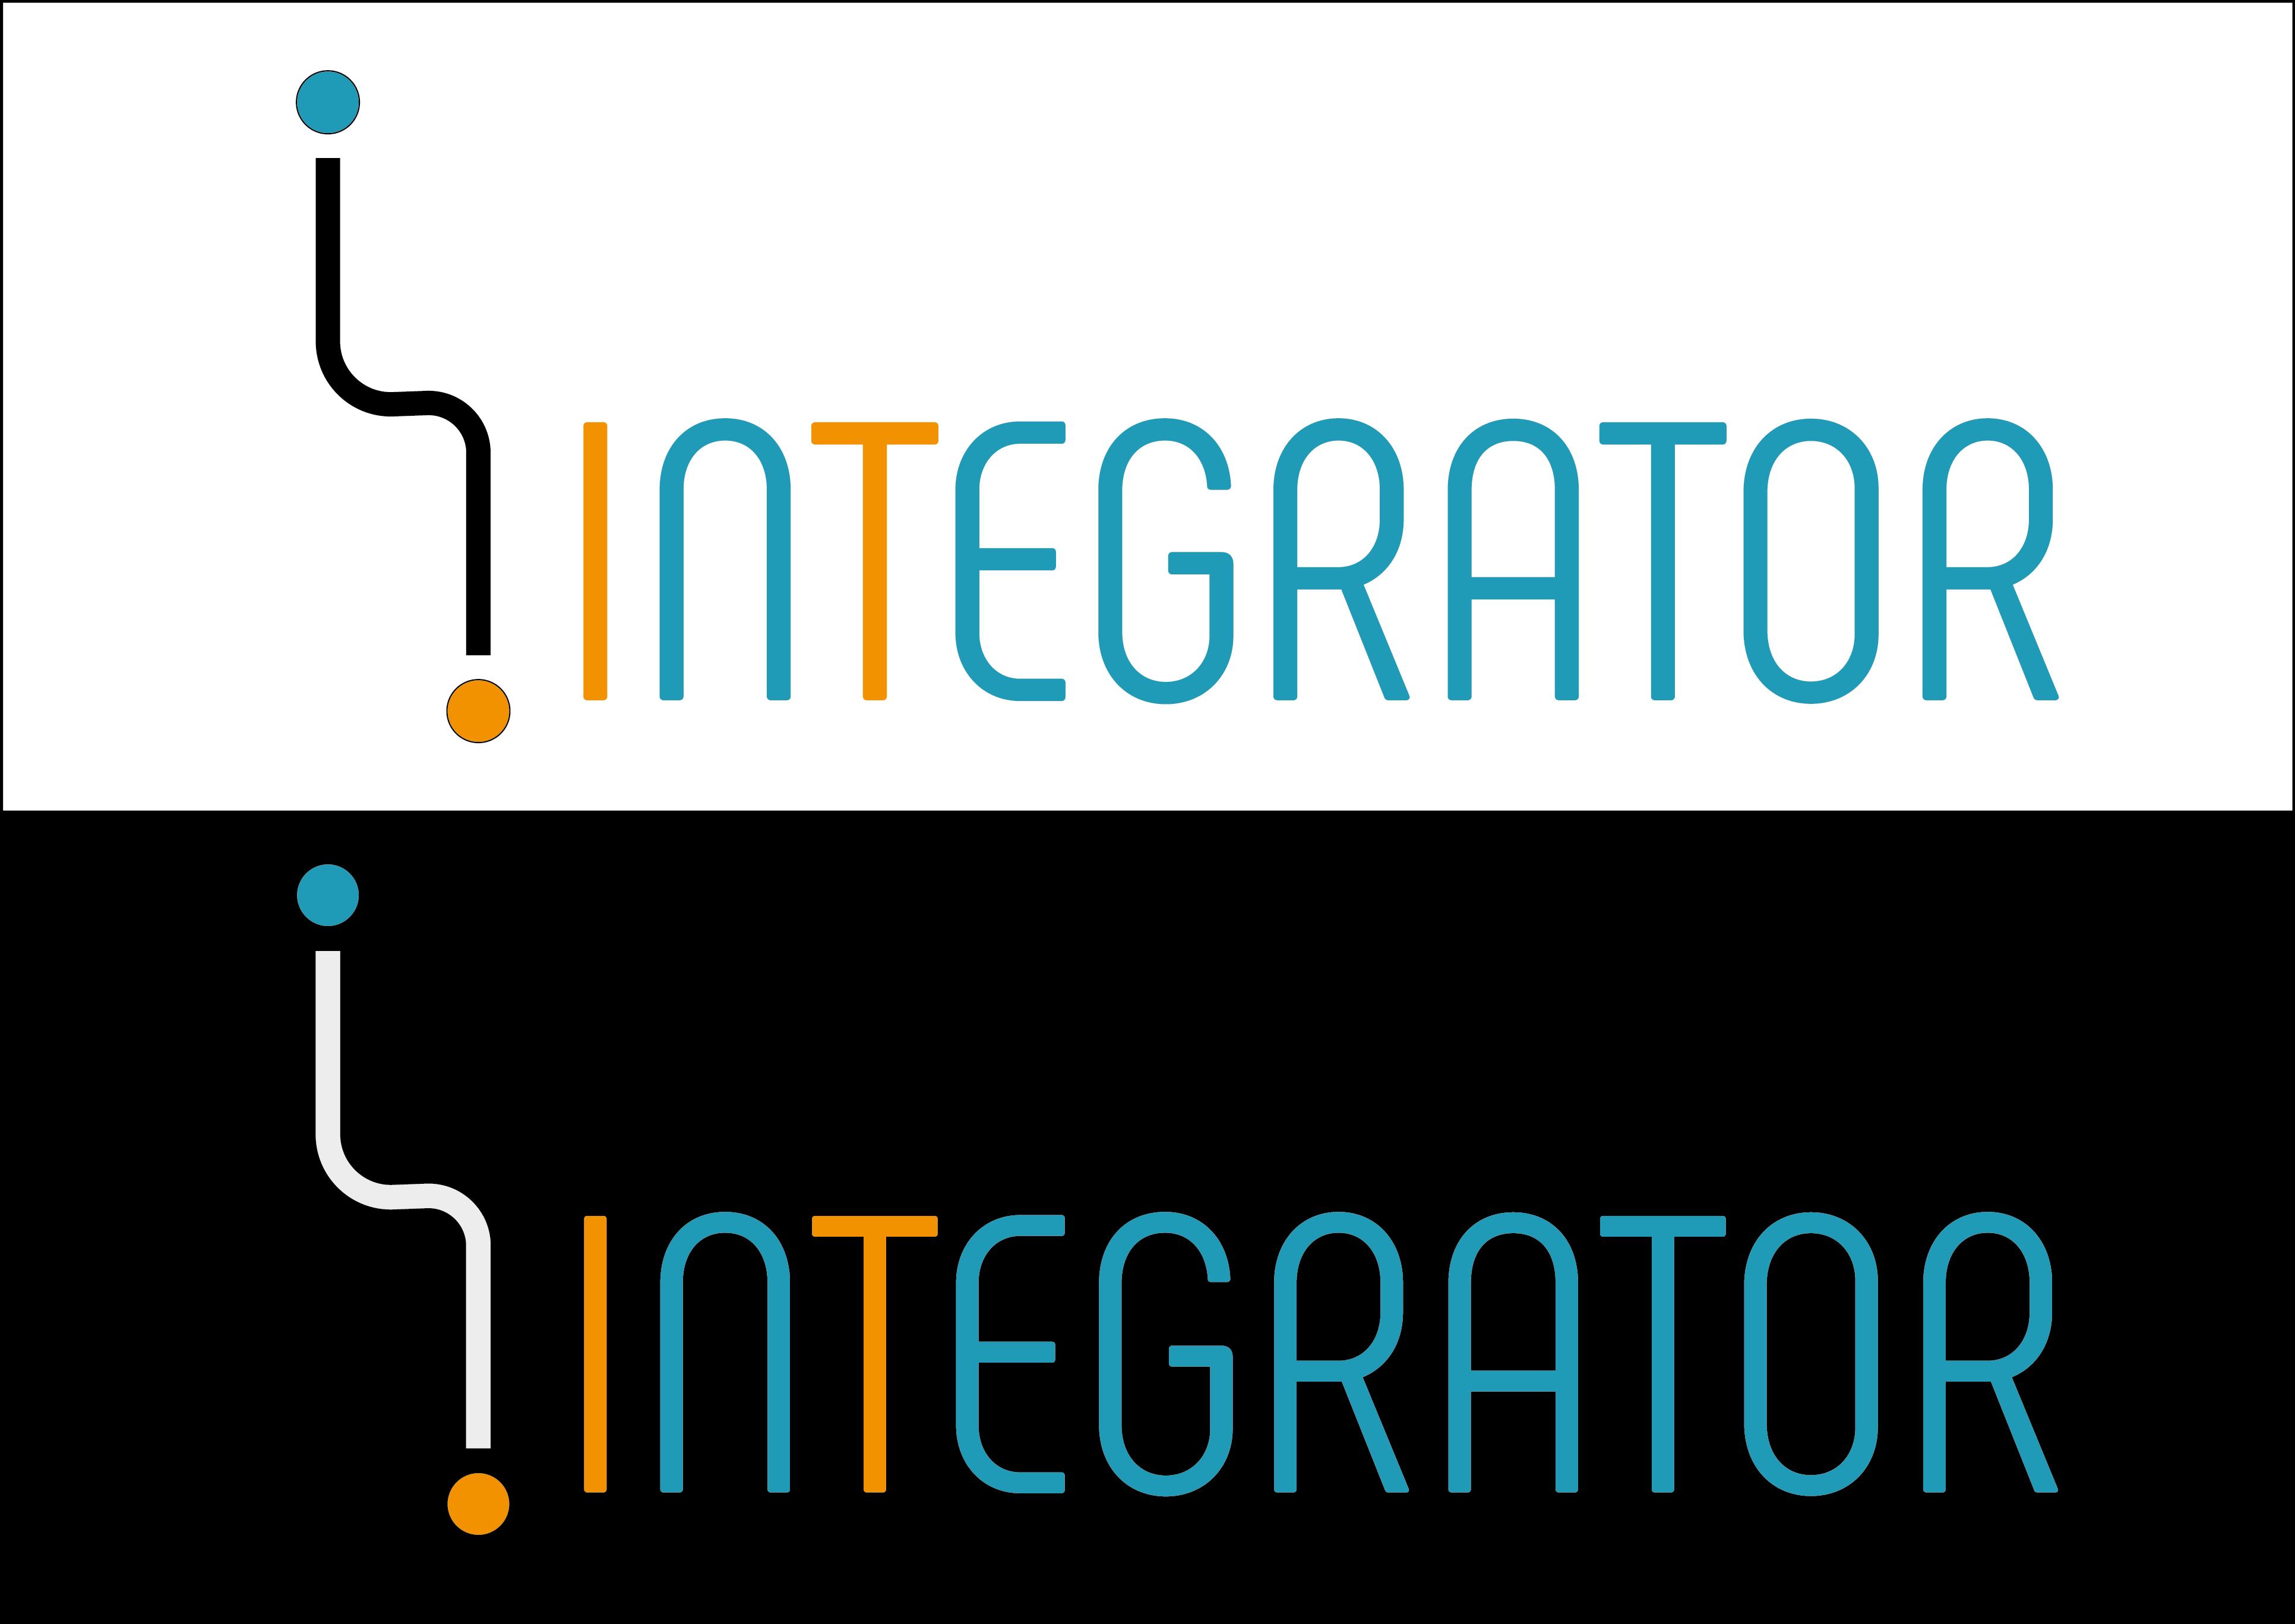 Логотип для IT интегратора фото f_270614a51d7a6b22.png